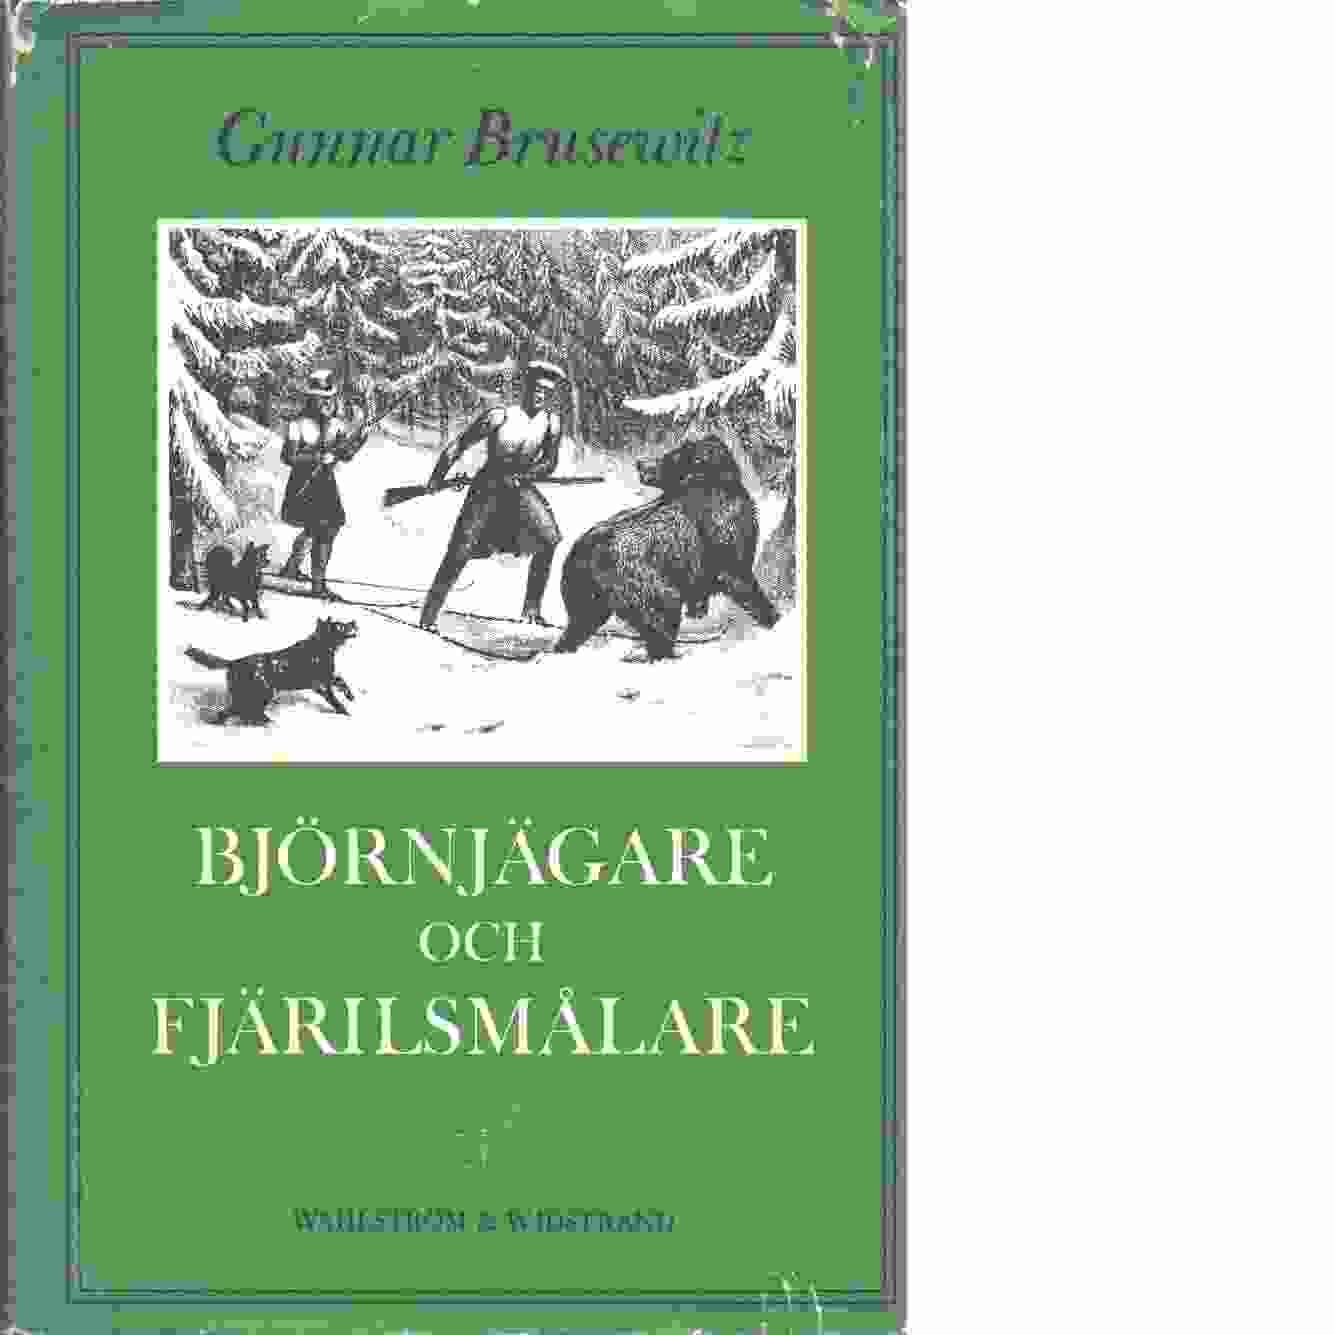 Björnjägare och fjärilsmålare - Brusewitz, Gunnar